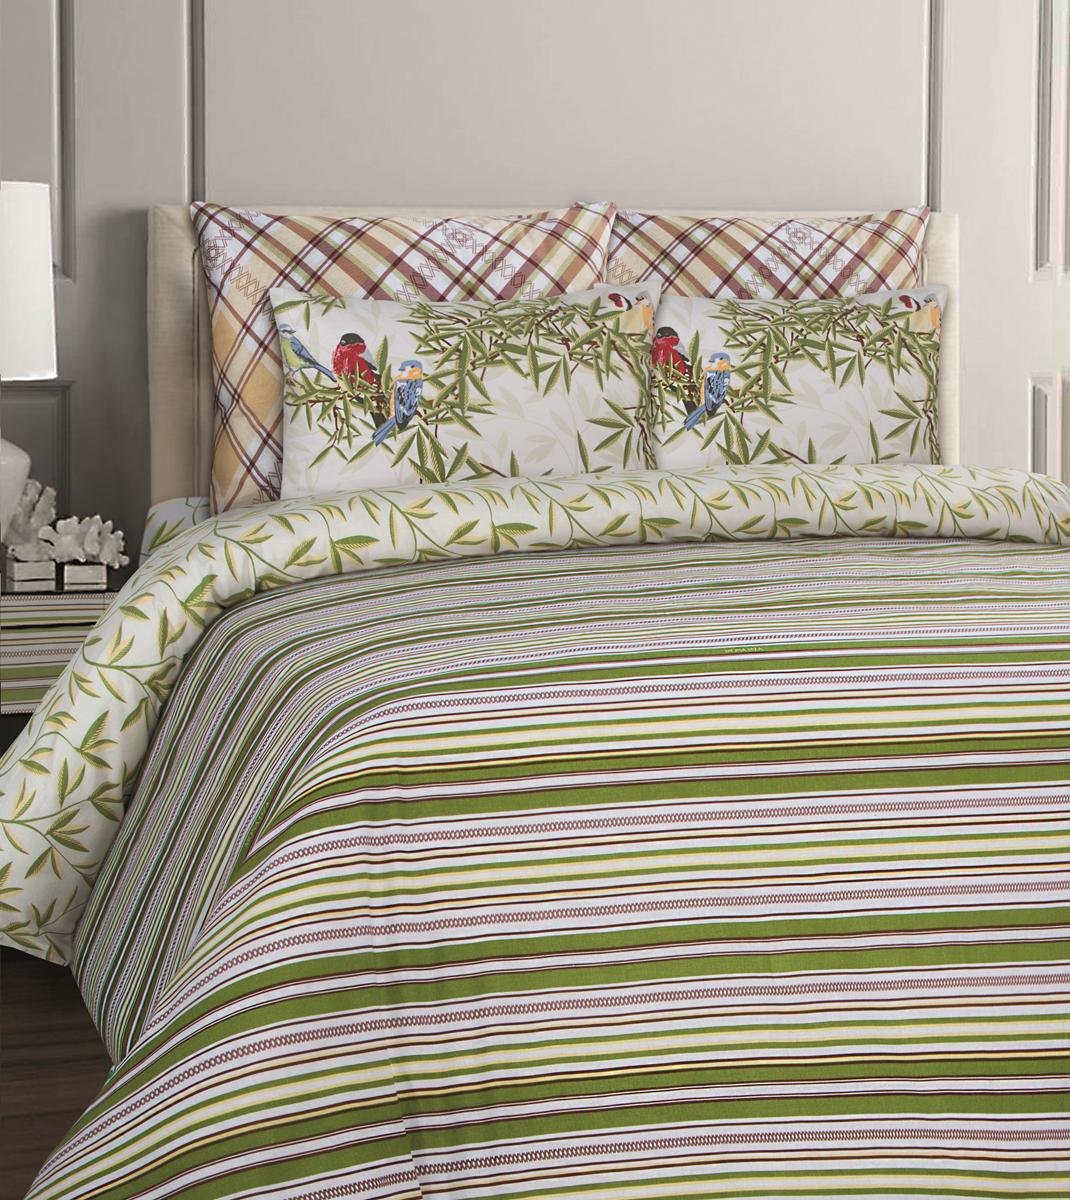 Комплект белья Mona Liza British Essex, 1,5-спальный, наволочки 50x70. 551116-77 комплекты белья